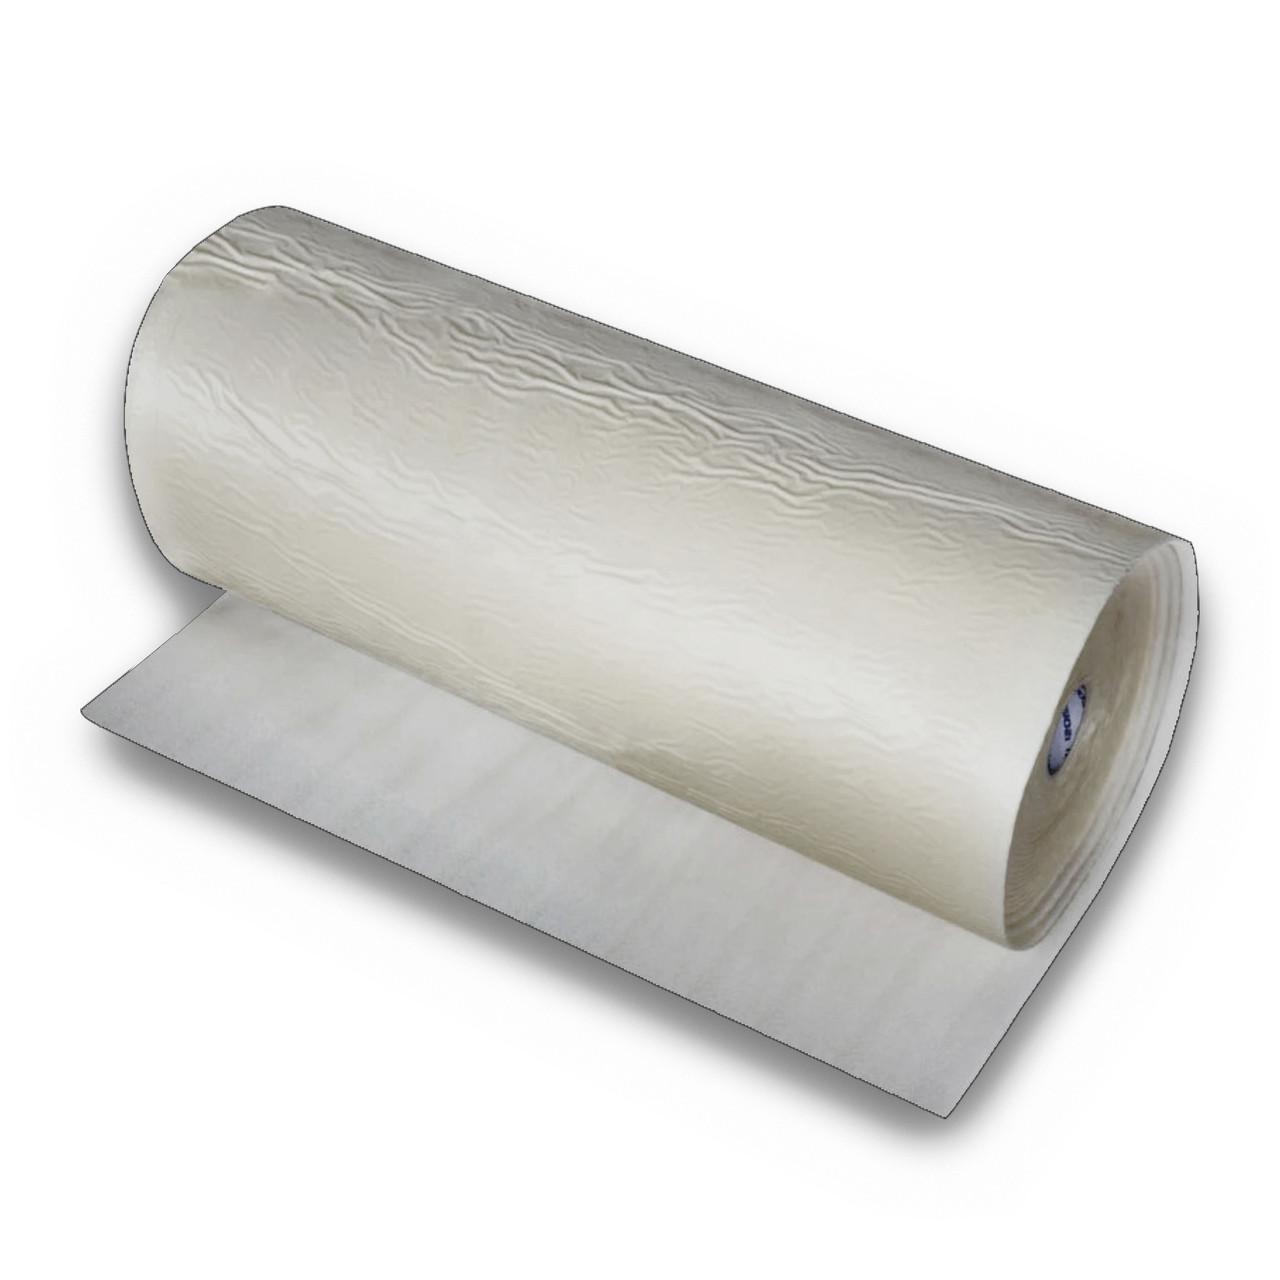 Физически сшитый вспененный полиэтилен самоклеящийся, 3 мм (белый)